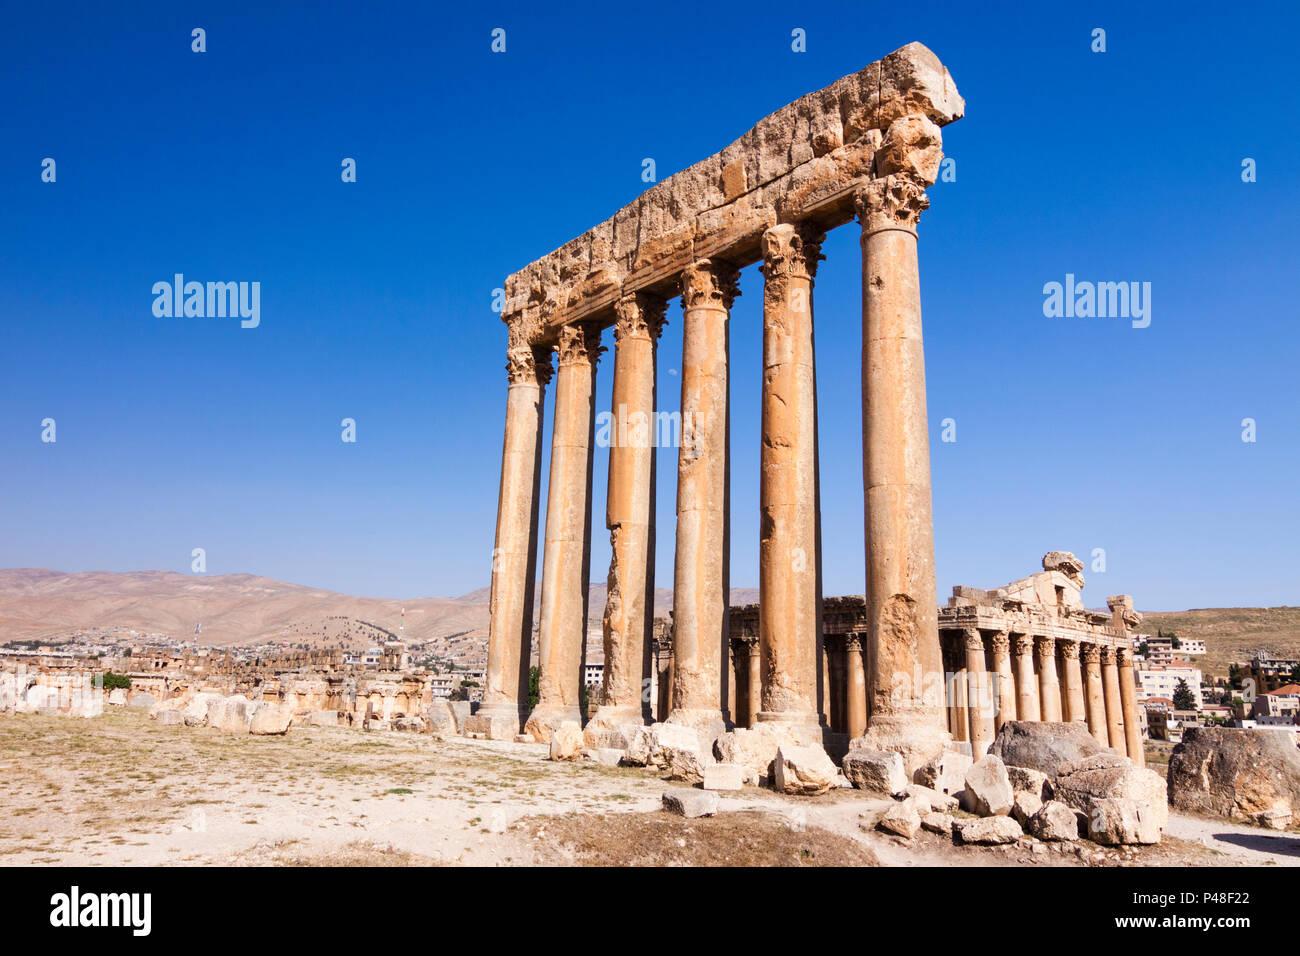 Baalbek, Líbano : La Unesco Patrimonio de la humanidad de las ruinas de los templos de Júpiter y Baco (150 AD y 250 AD) en Baalbek Roman Heliópolis. Imagen De Stock